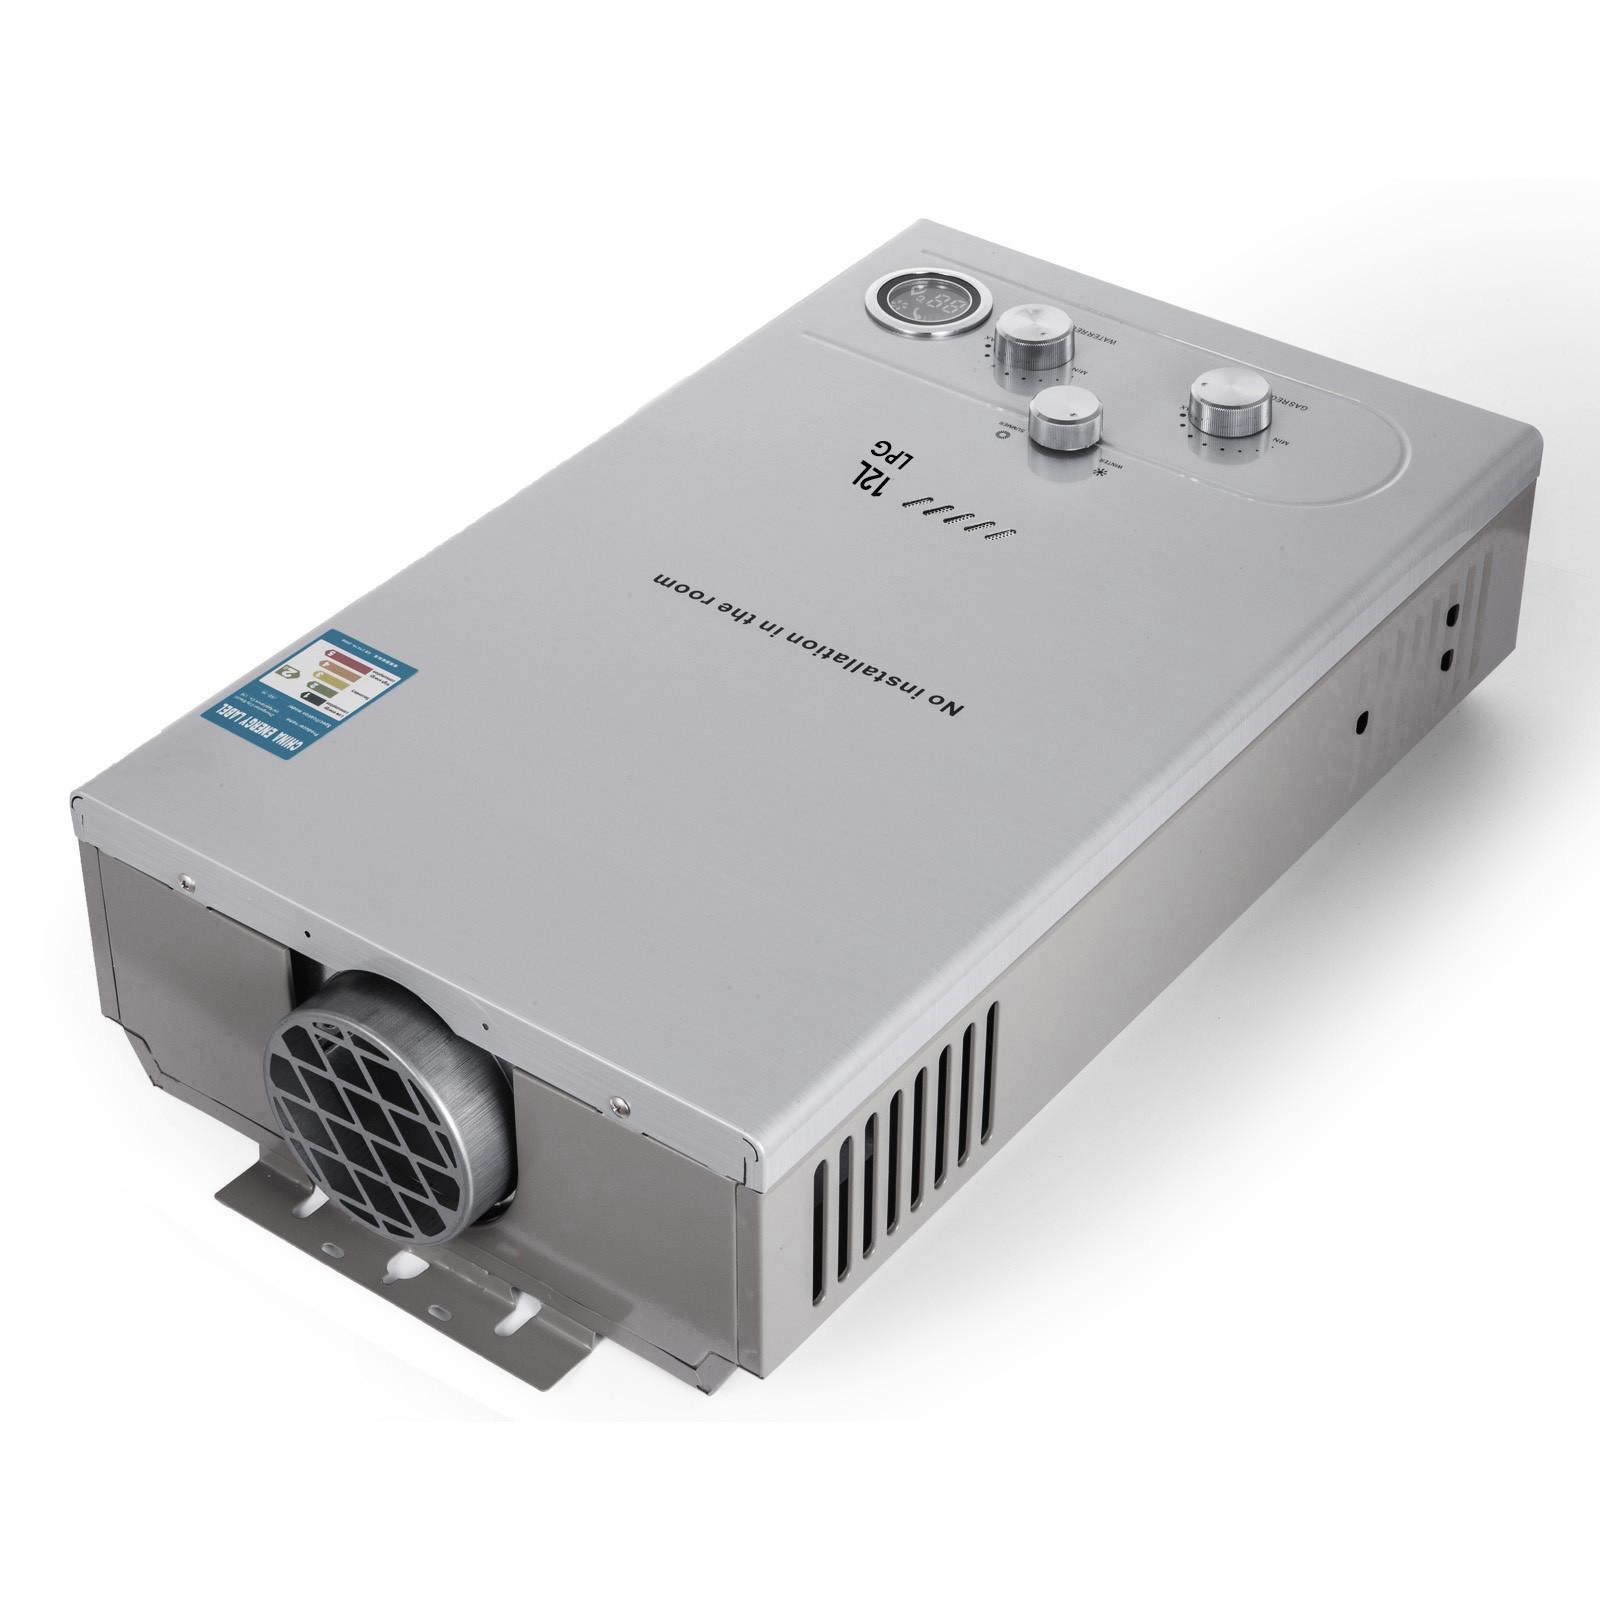 Propangas-Gas-Durchlauferhitzer-Warmwasserbereiter-Boiler-Warmwasserspeicher Indexbild 65